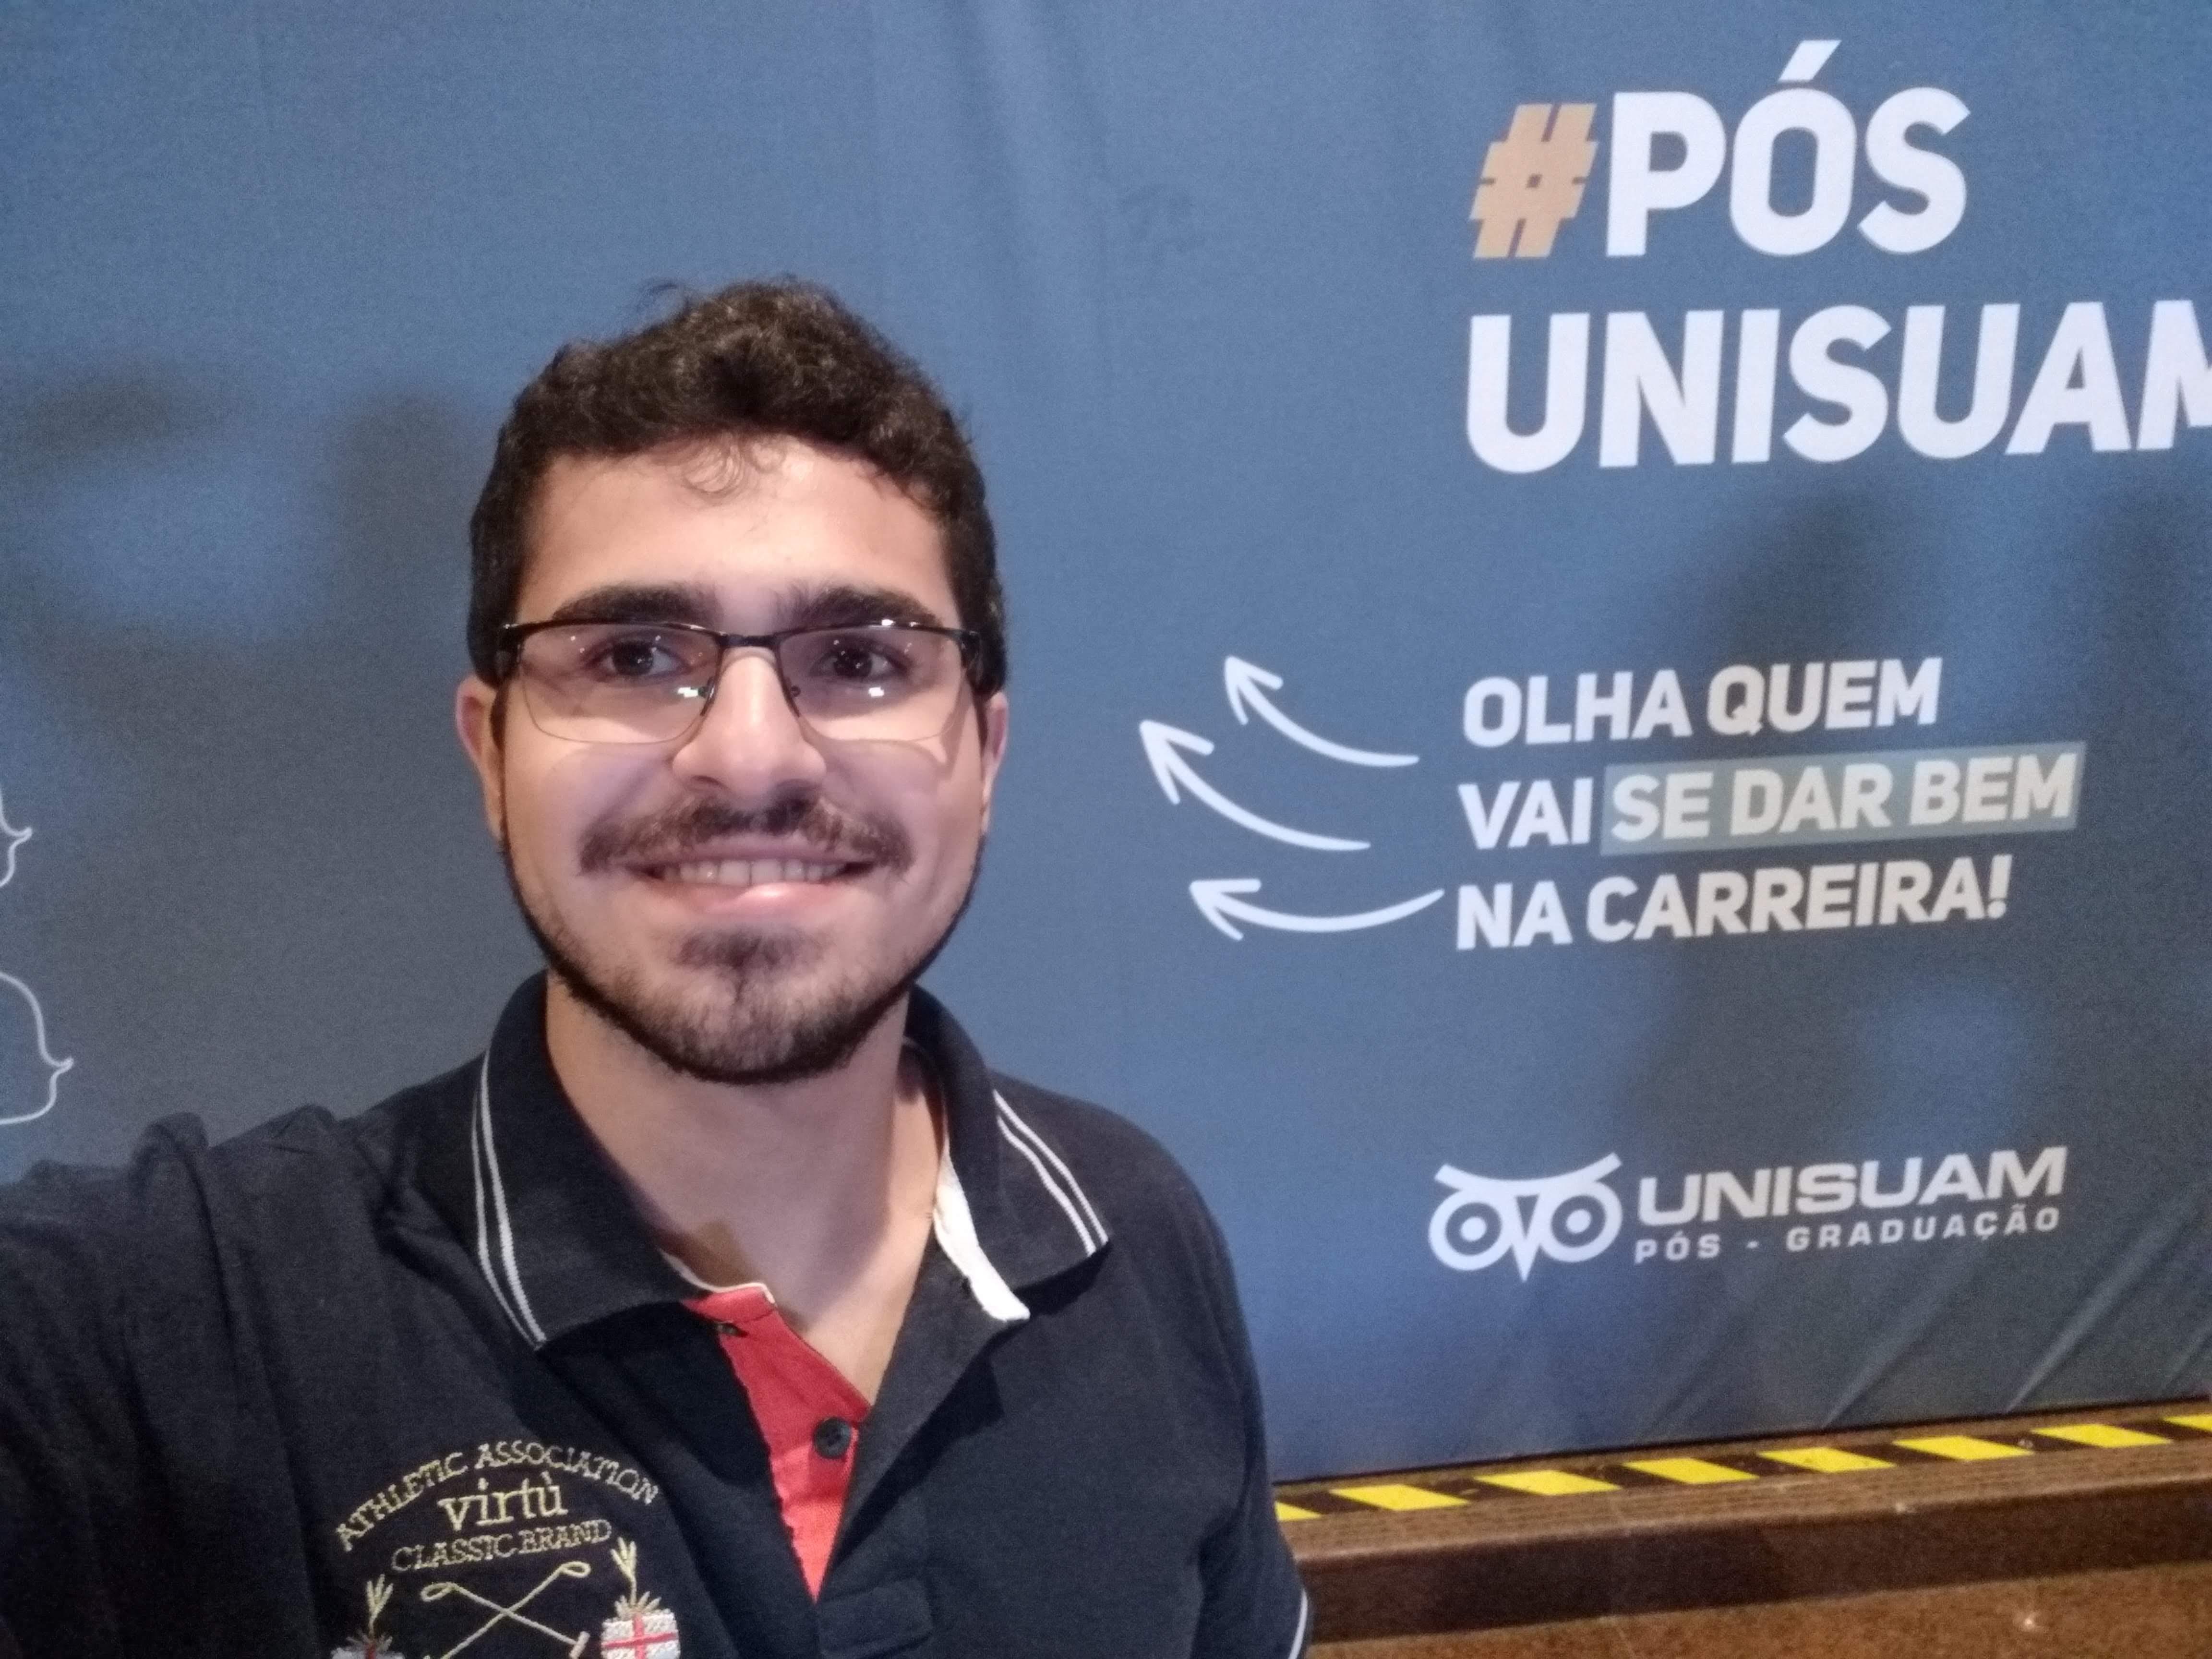 Cyro Cunha